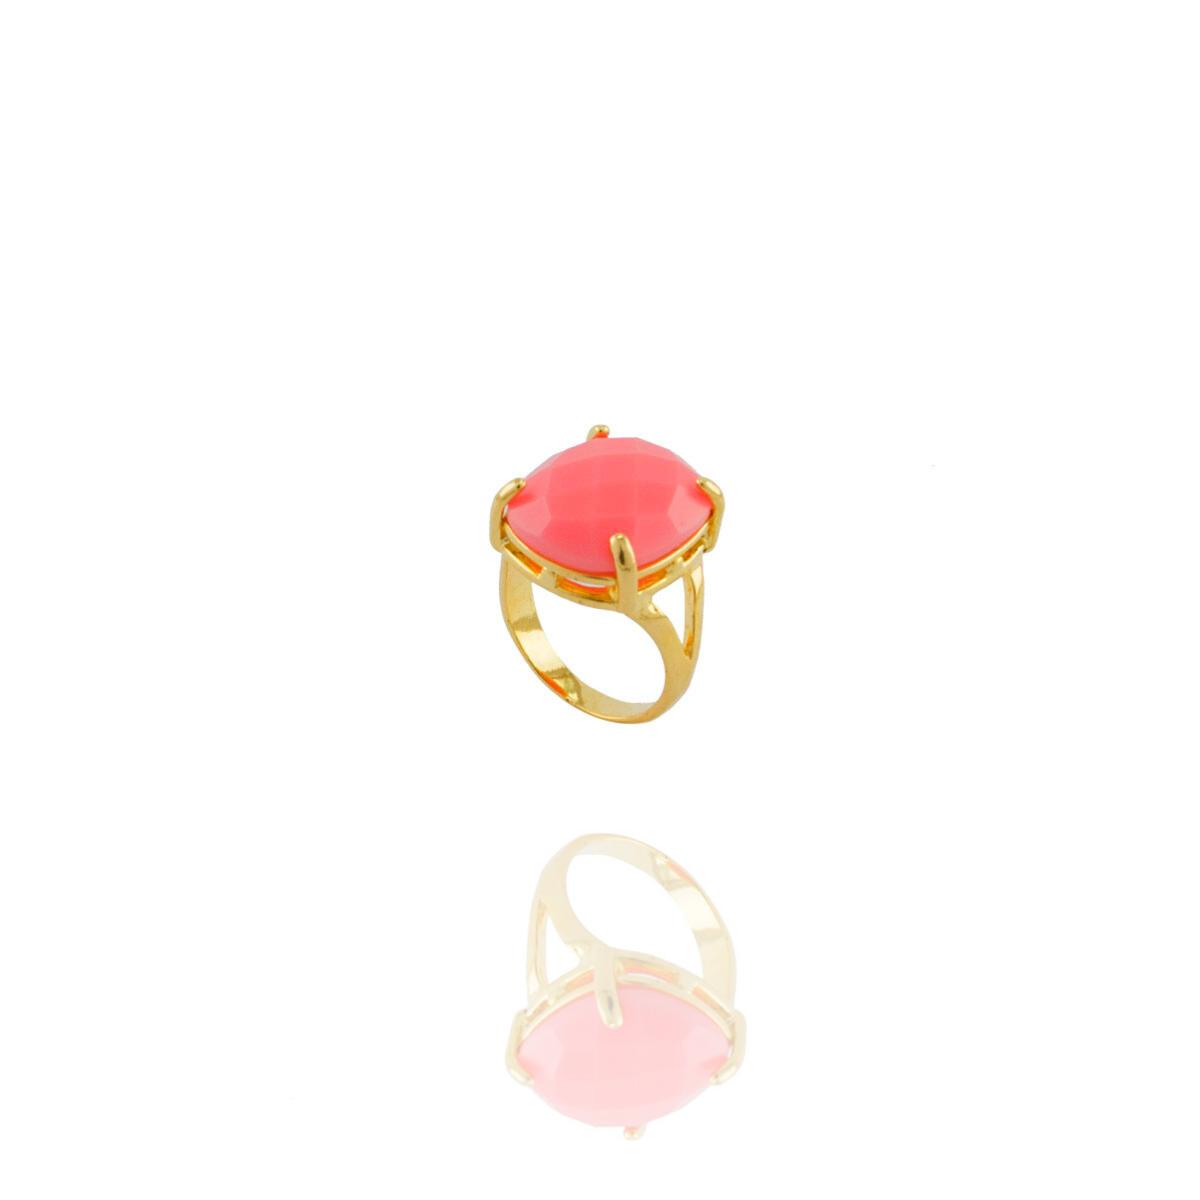 Anel Barbara Strauss Semi Joia Isla em Resina Lalique Rosa, Rev. Em Ouro Amarelo 18K